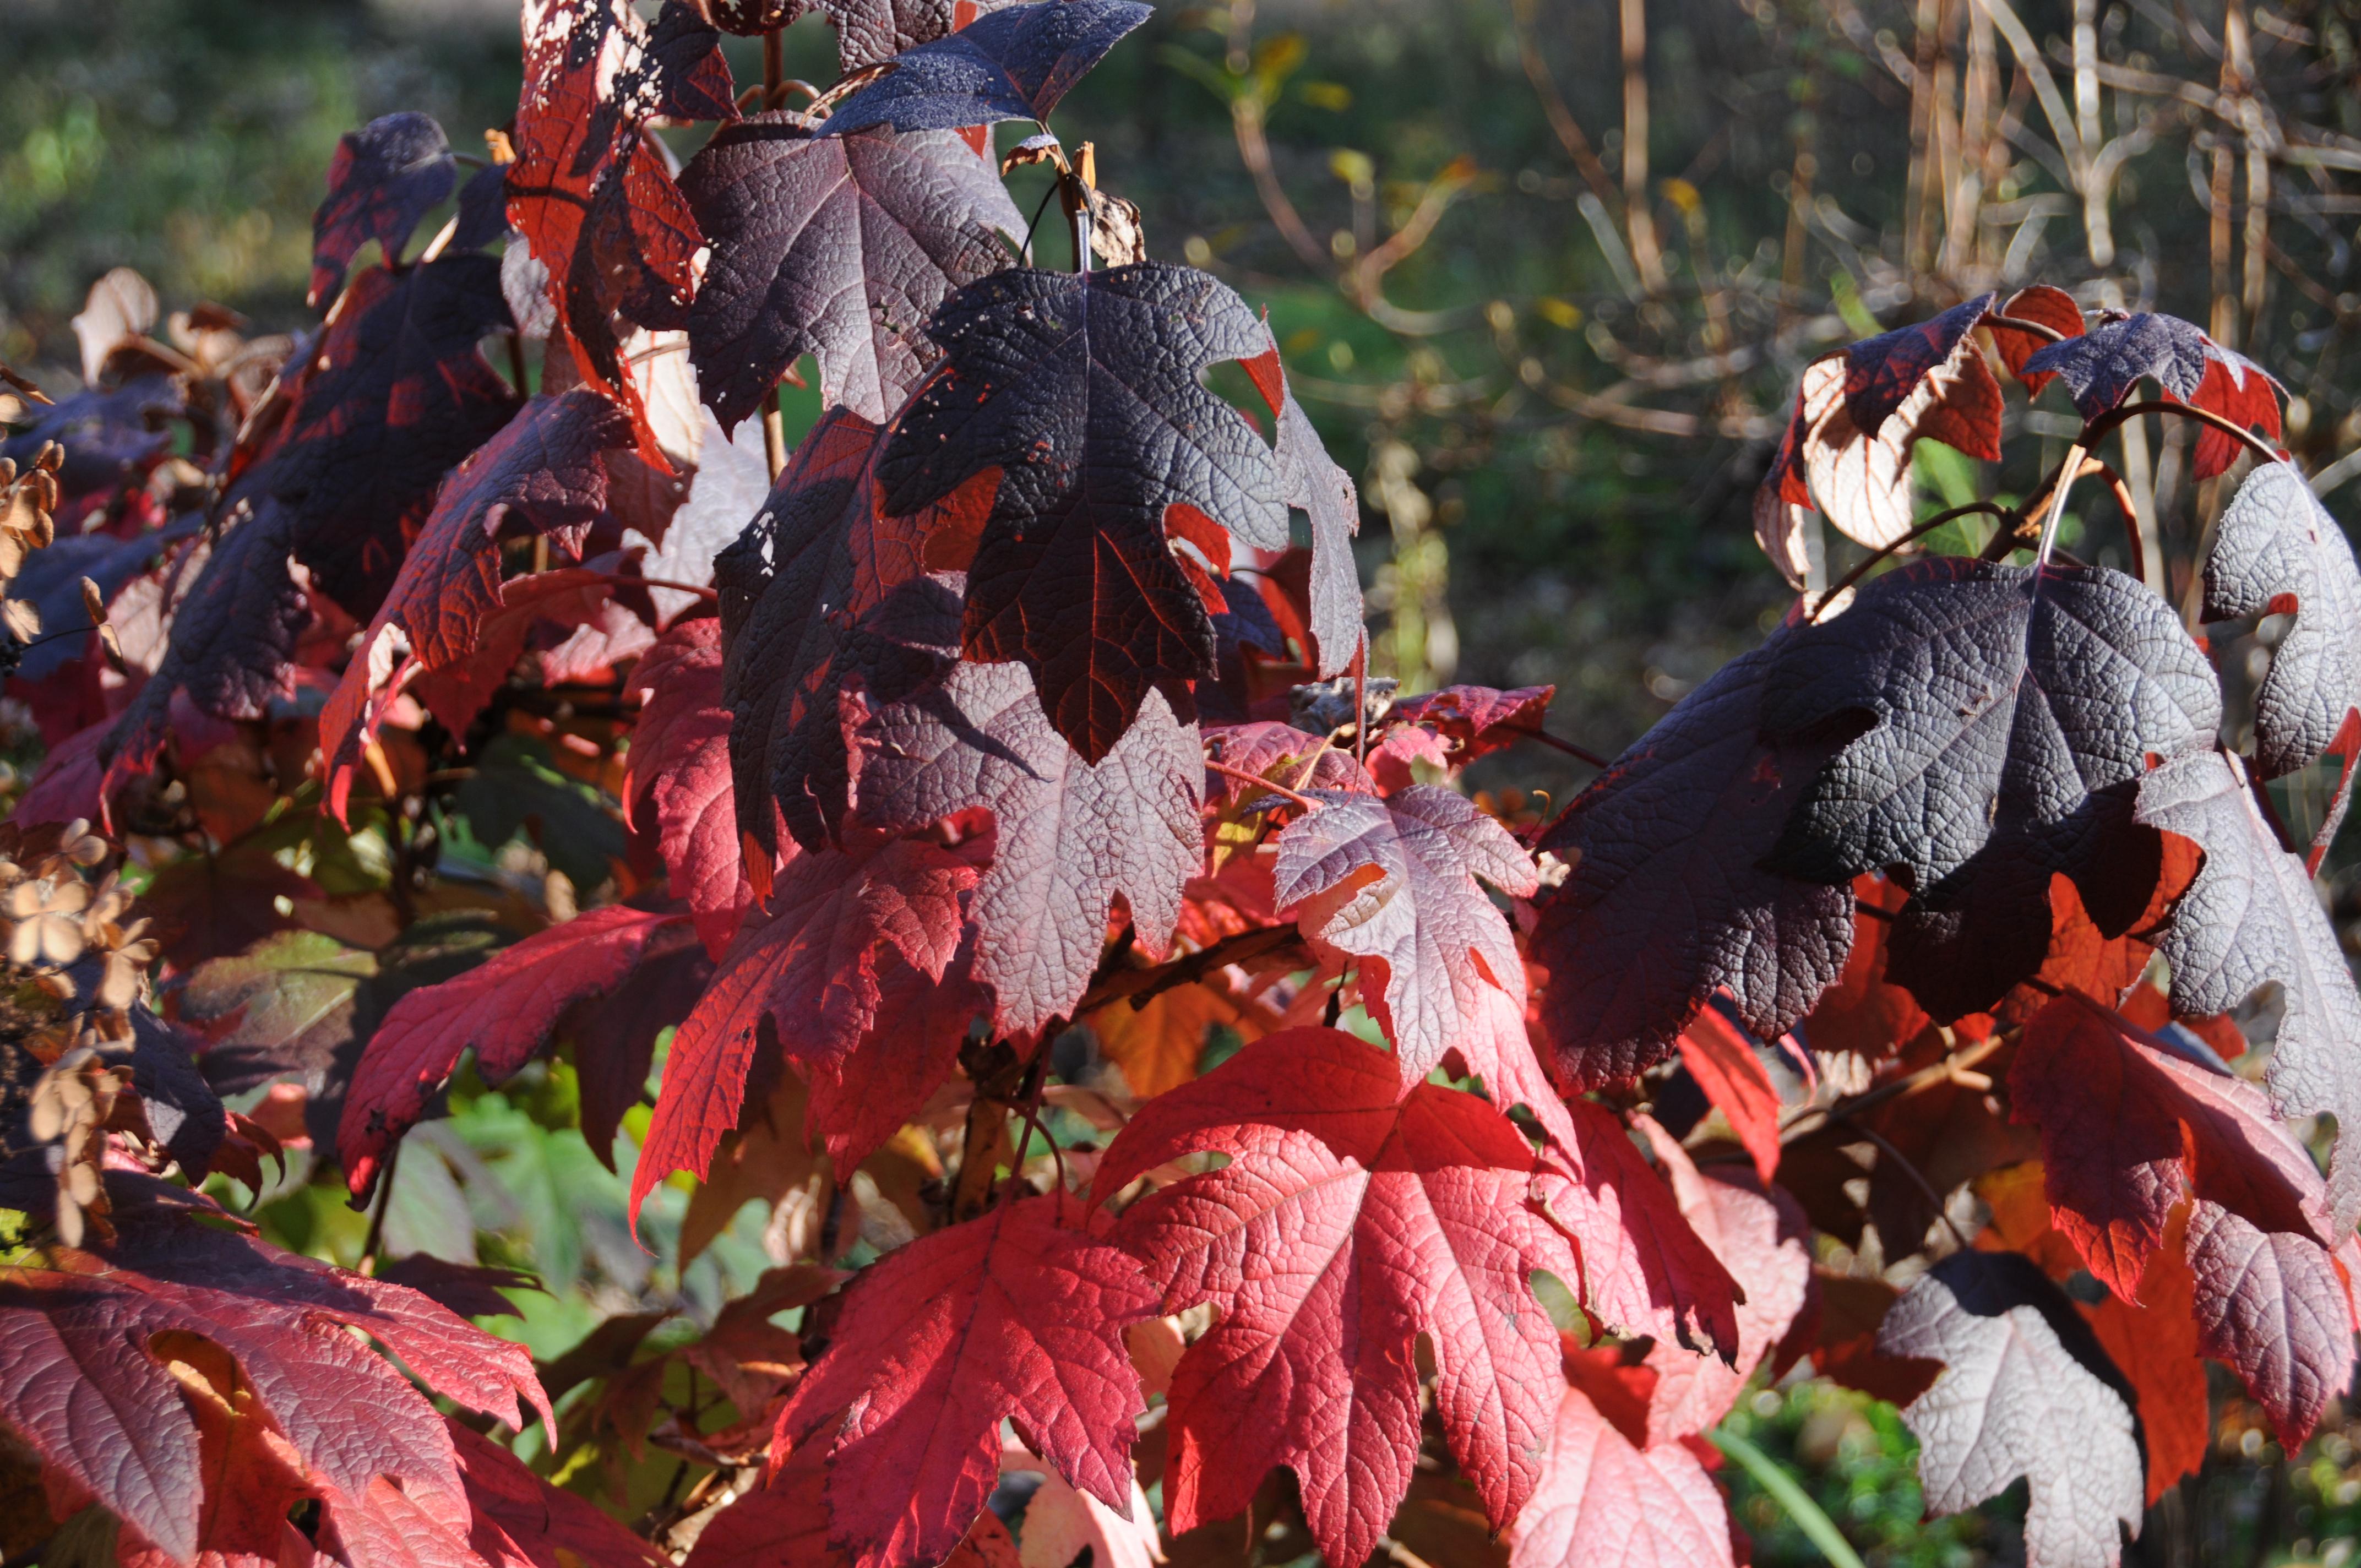 Pee Wee oakleaf hydrangea, Hydrange quercifolia 'Pee Wee'